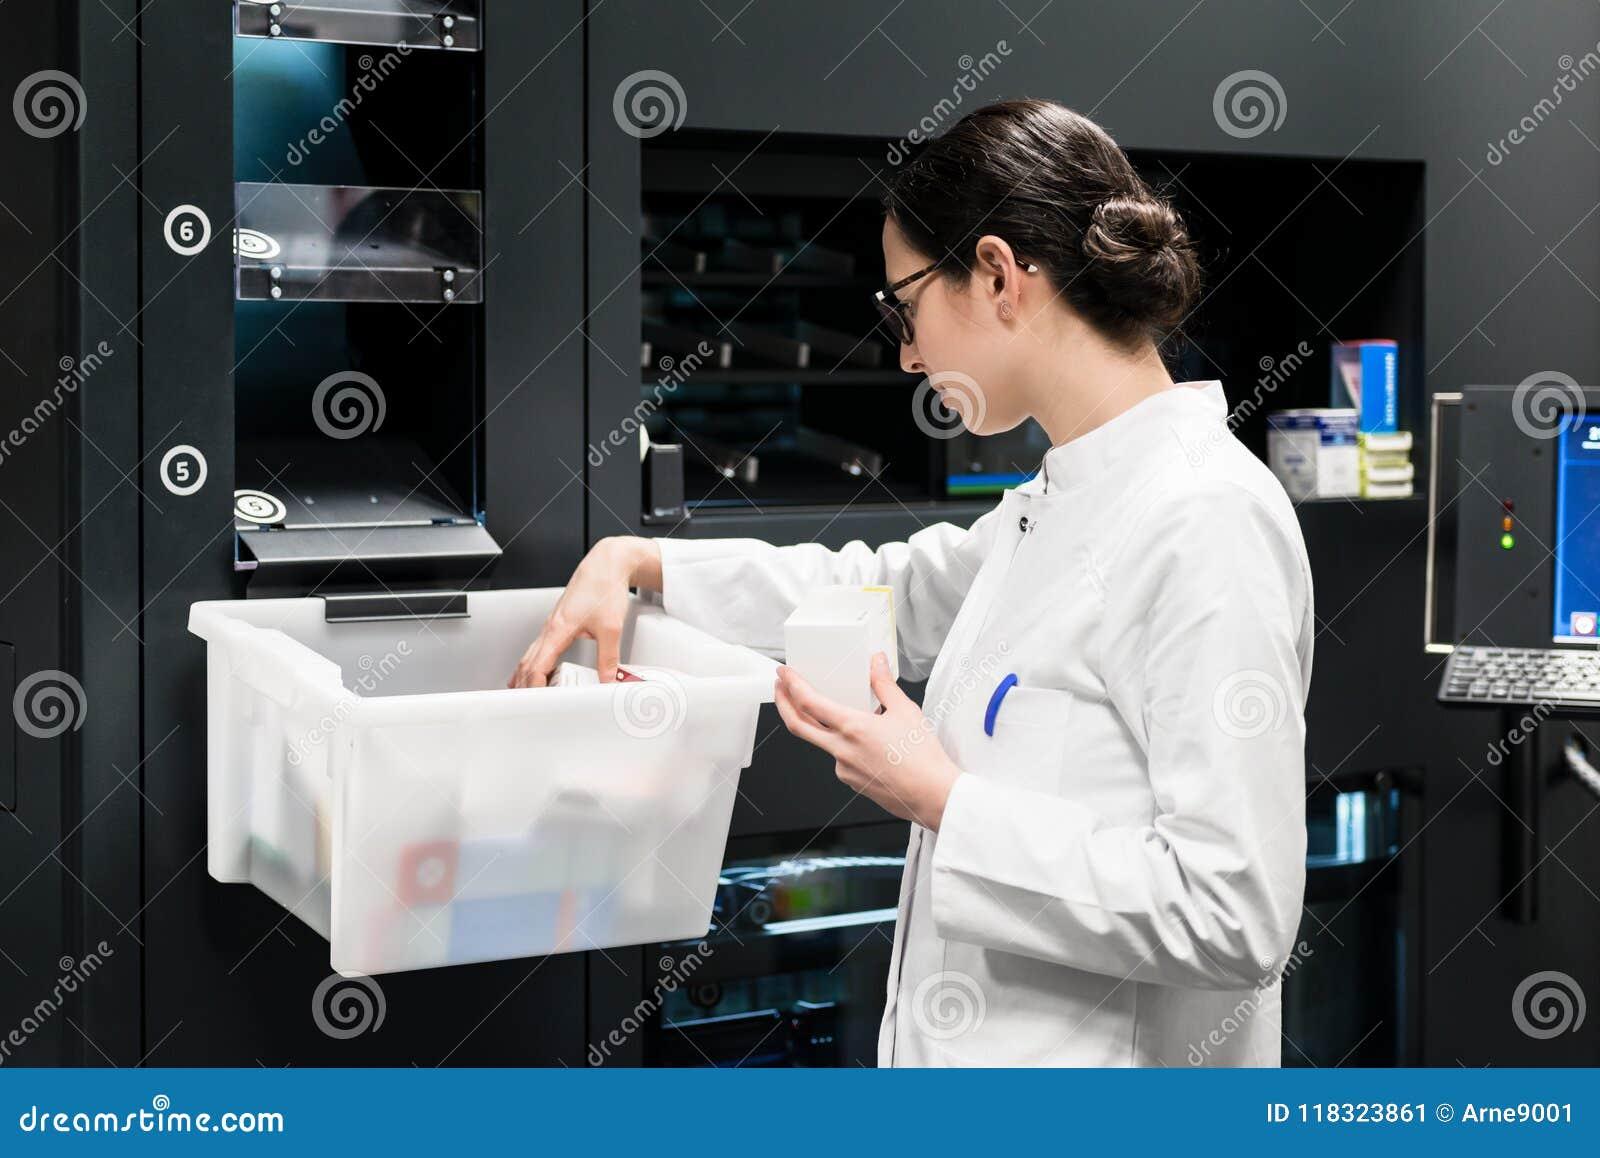 Pharmacist choosing the best medicines during work in drugstore